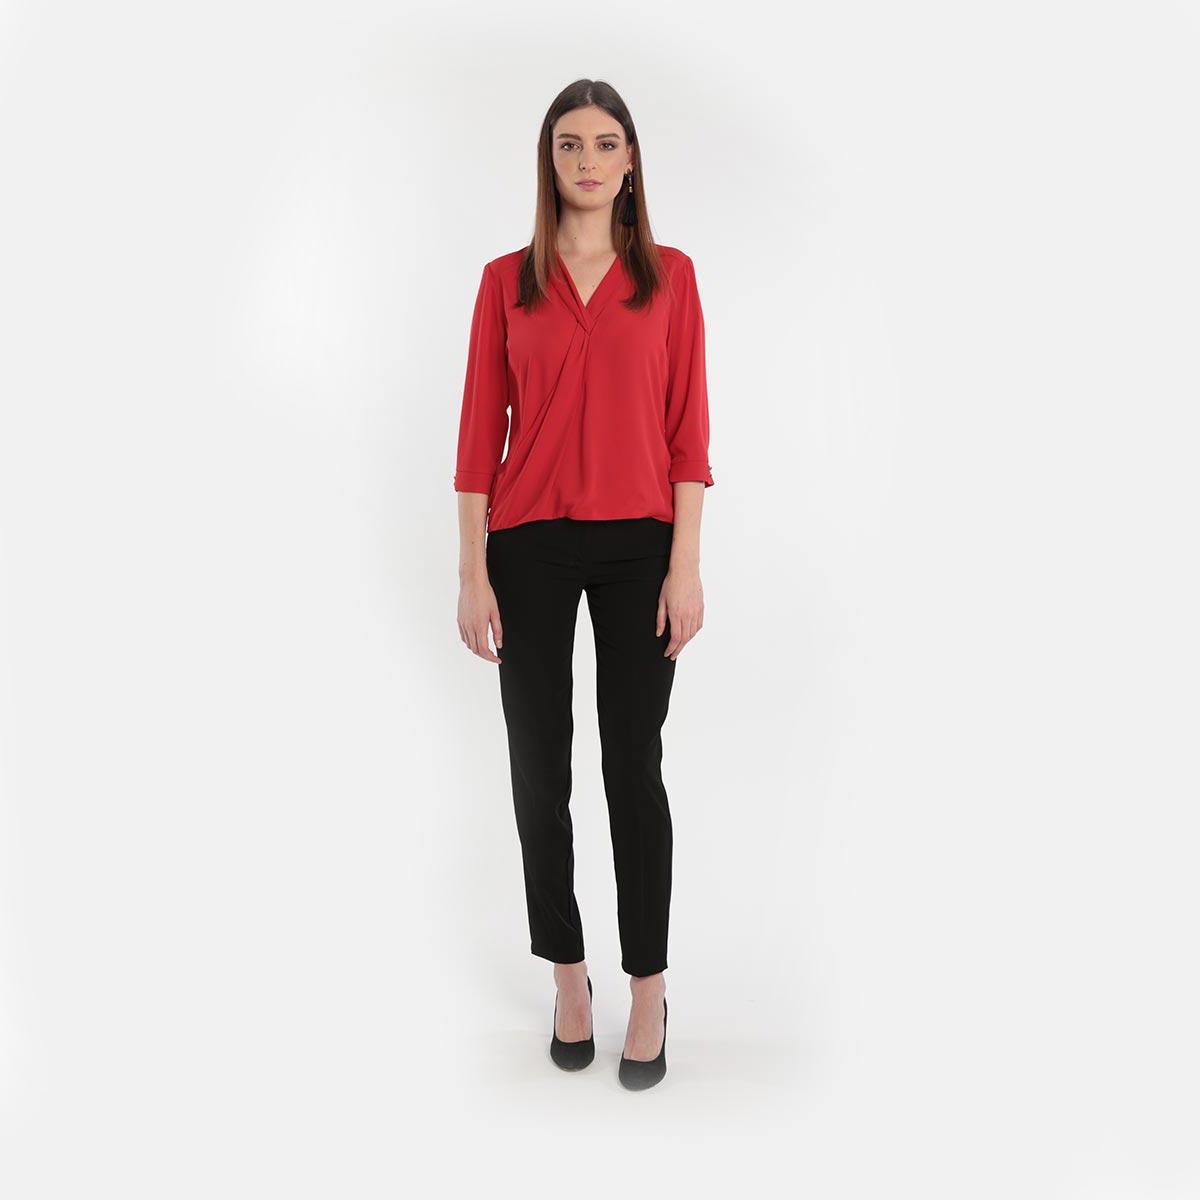 pantalone elasticizzato a vita alta donna Primavera 2020 Meteore Fashion